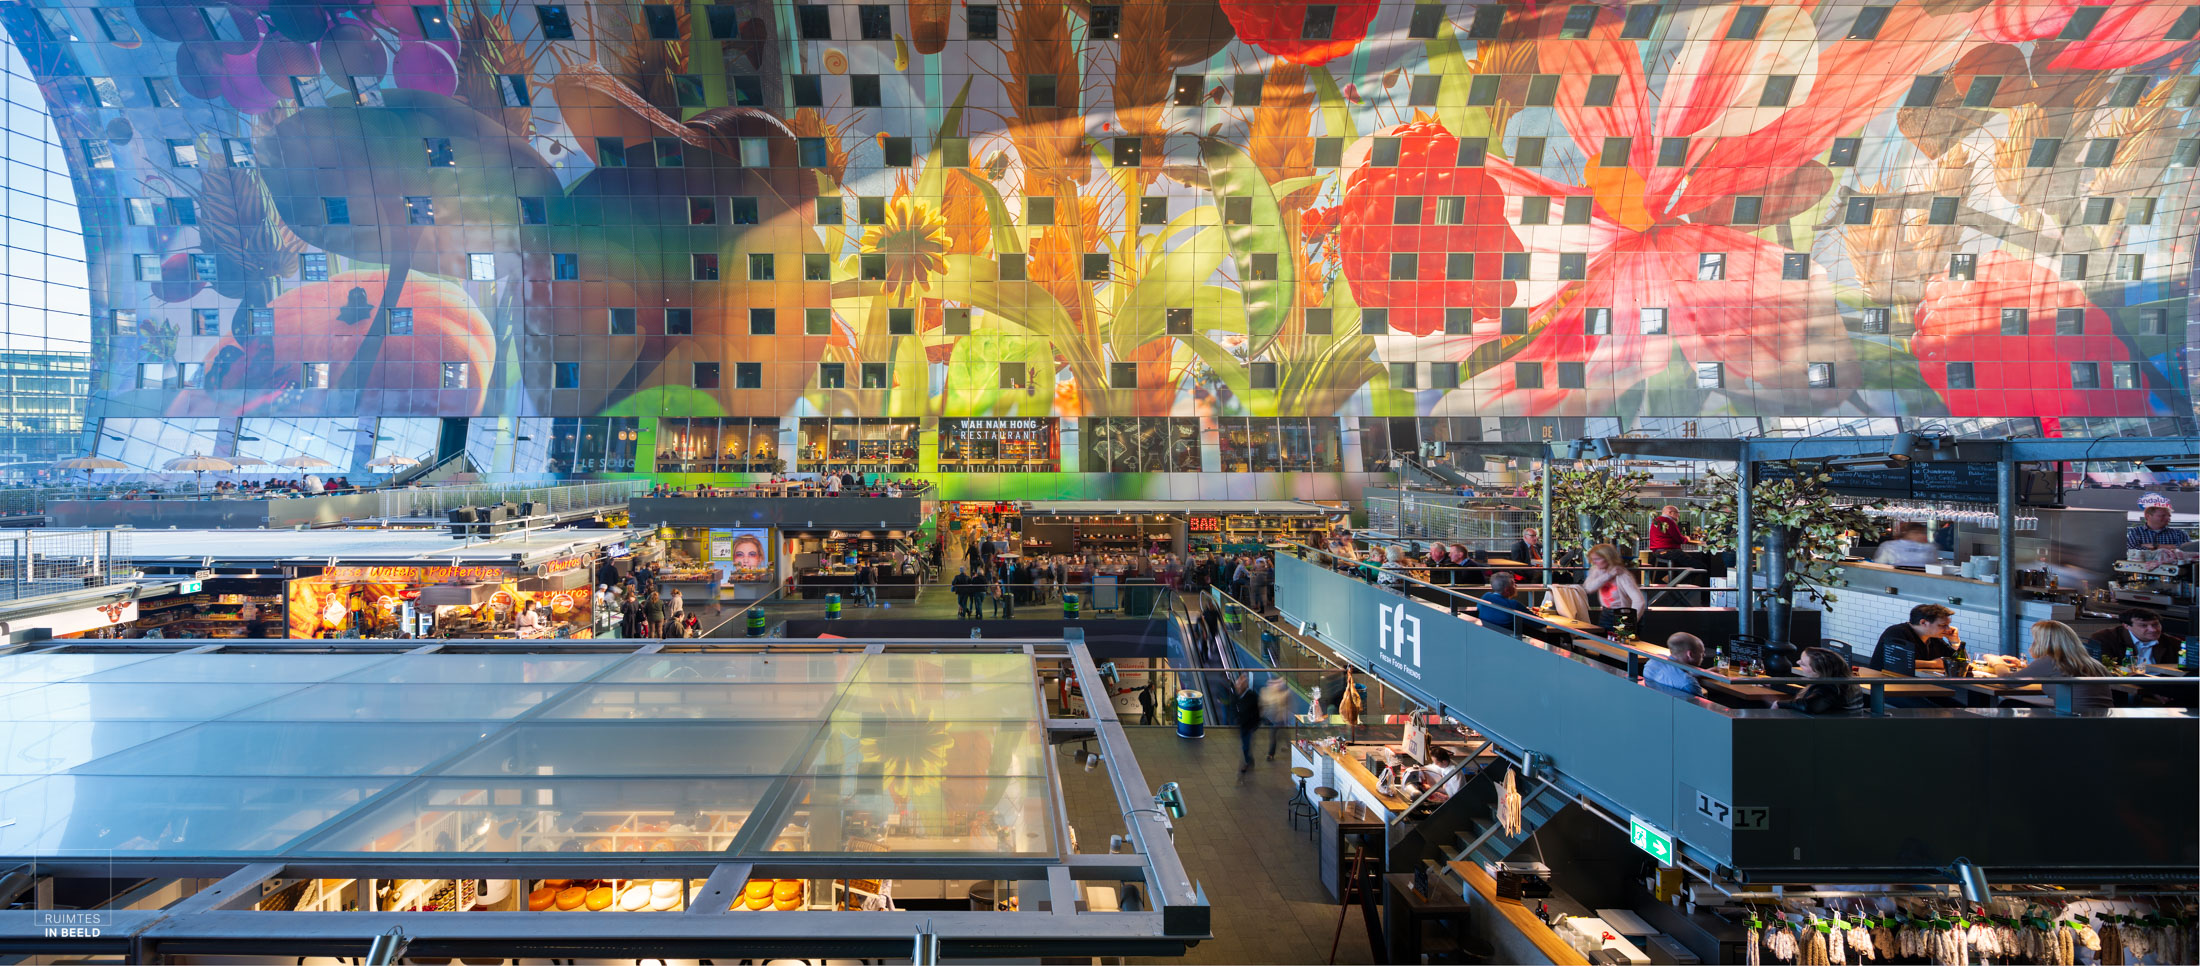 Panorama in Markthal Rotterdam   Panorama of Market hall, Rotterdam Netherlands